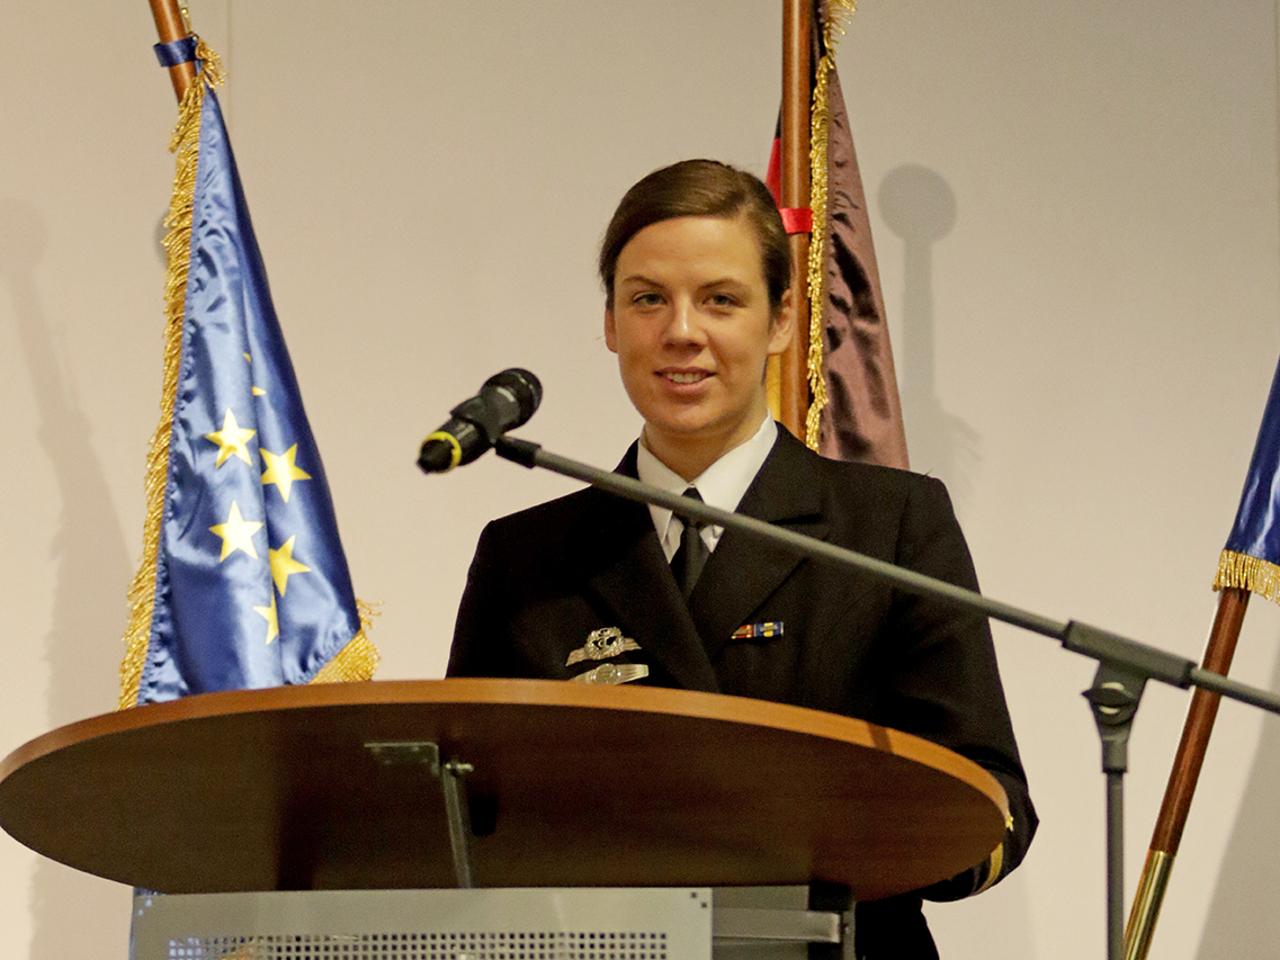 Kapitänleutnant Luisa Winkler (Quelle: 2017 Bundeswehr / Matthias Letzin/Presse- und Informationszentrum Marine)